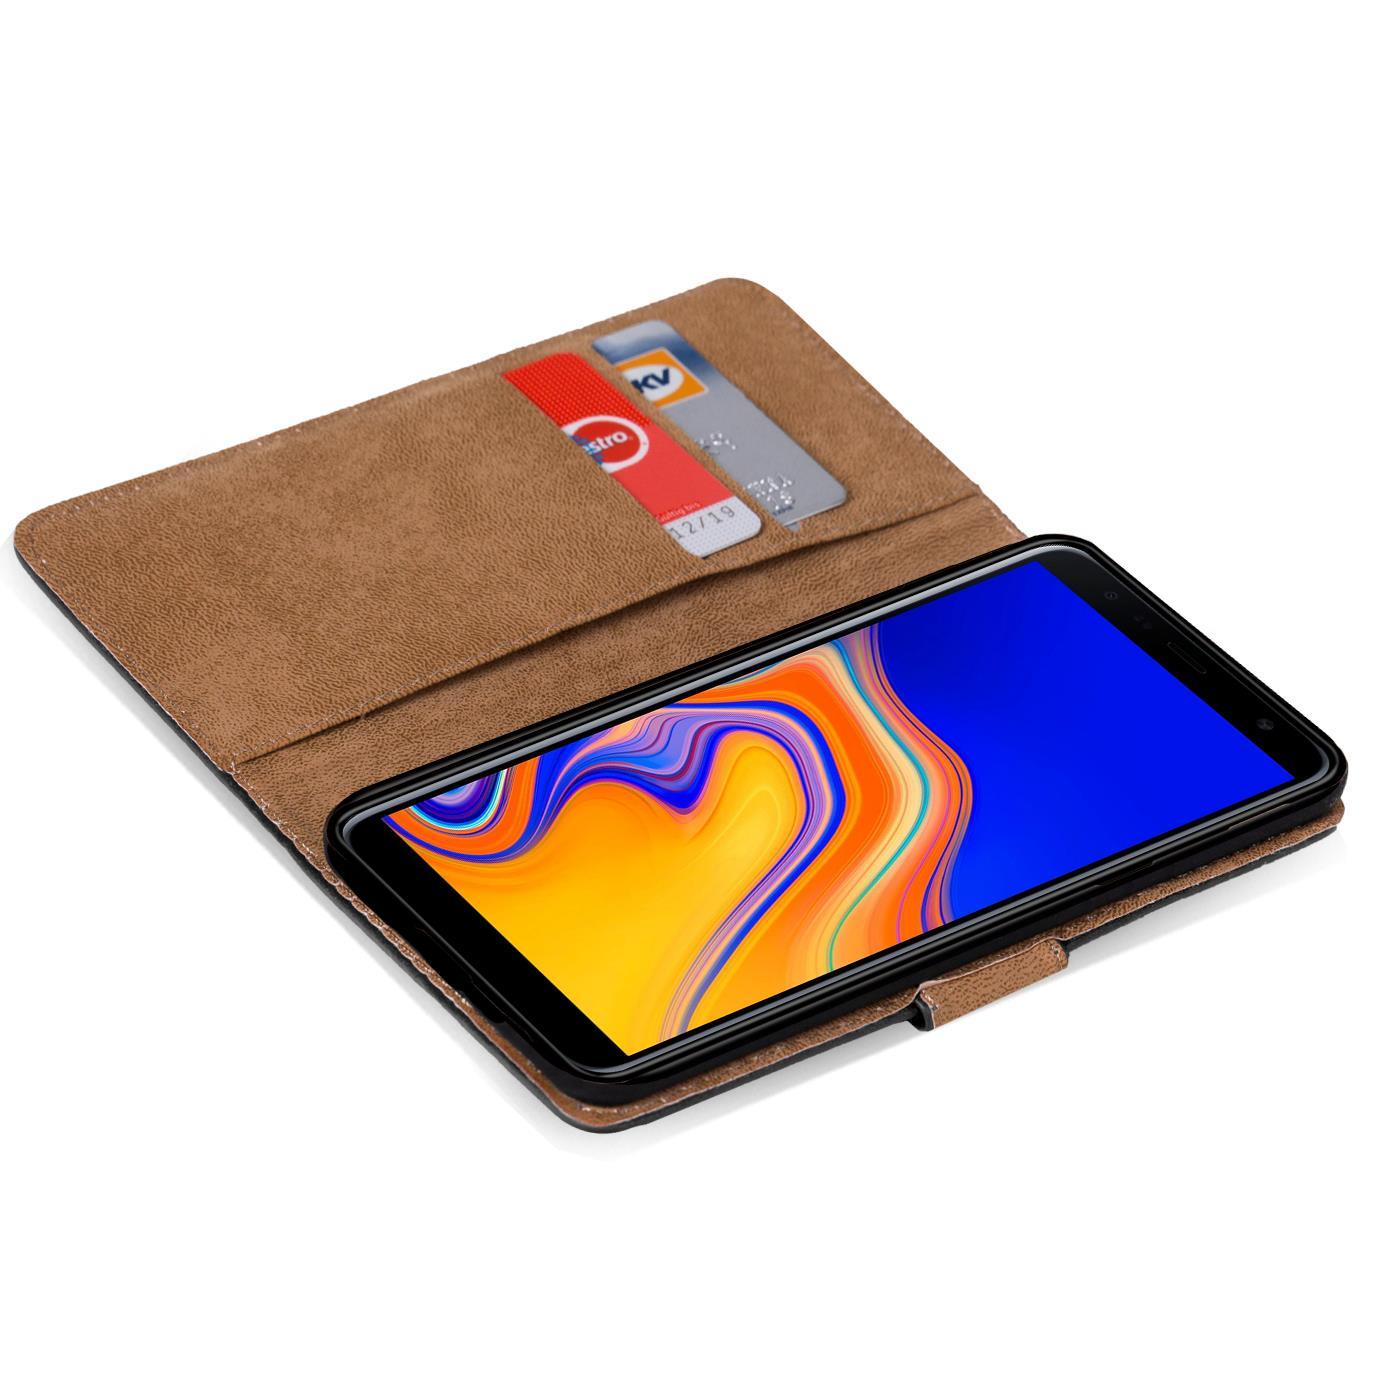 Samsung-Galaxy-A7-2018-Handy-Klapp-Tasche-Schutz-Huelle-Book-Flip-Cover-Case-Etui Indexbild 19